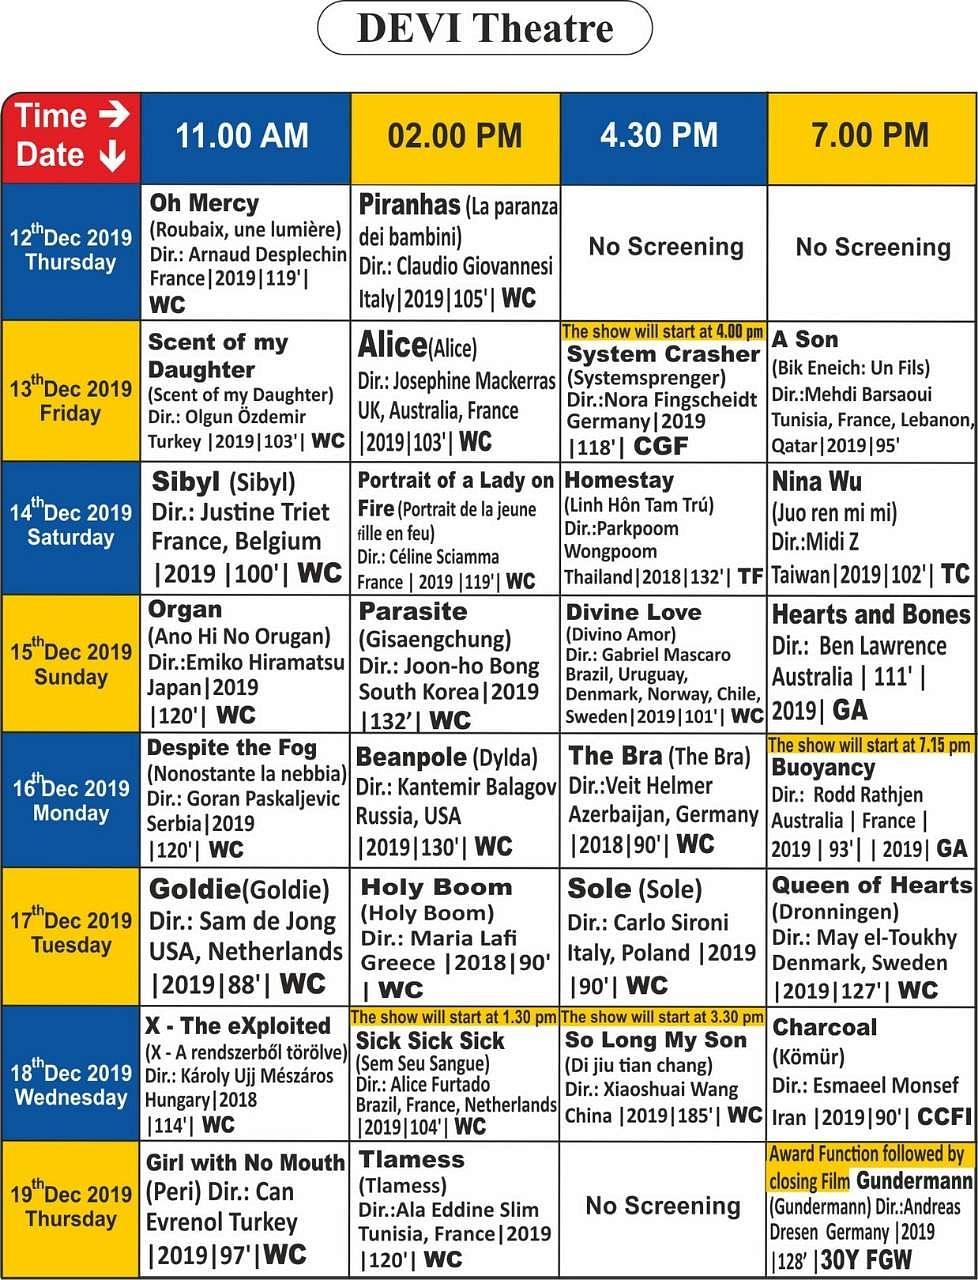 சென்னை சா்வதேச திரைப்பட விழாவில் திரையிடப்படும் படங்கள்: முழுப் பட்டியல்! Devi_Screening_Details_(6)